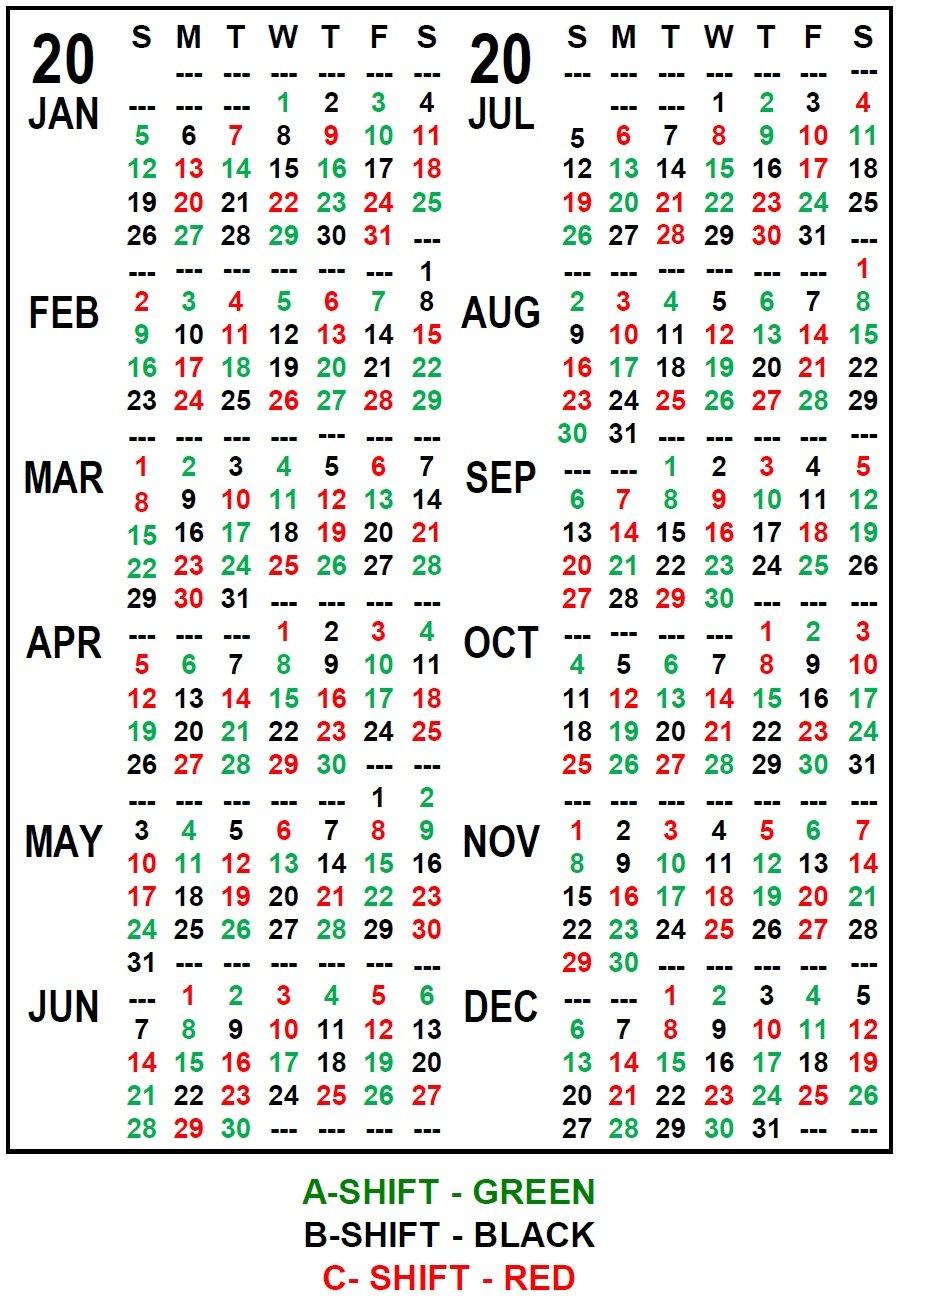 Firefighter Shift Schedule Tool :-Free Calendar Template